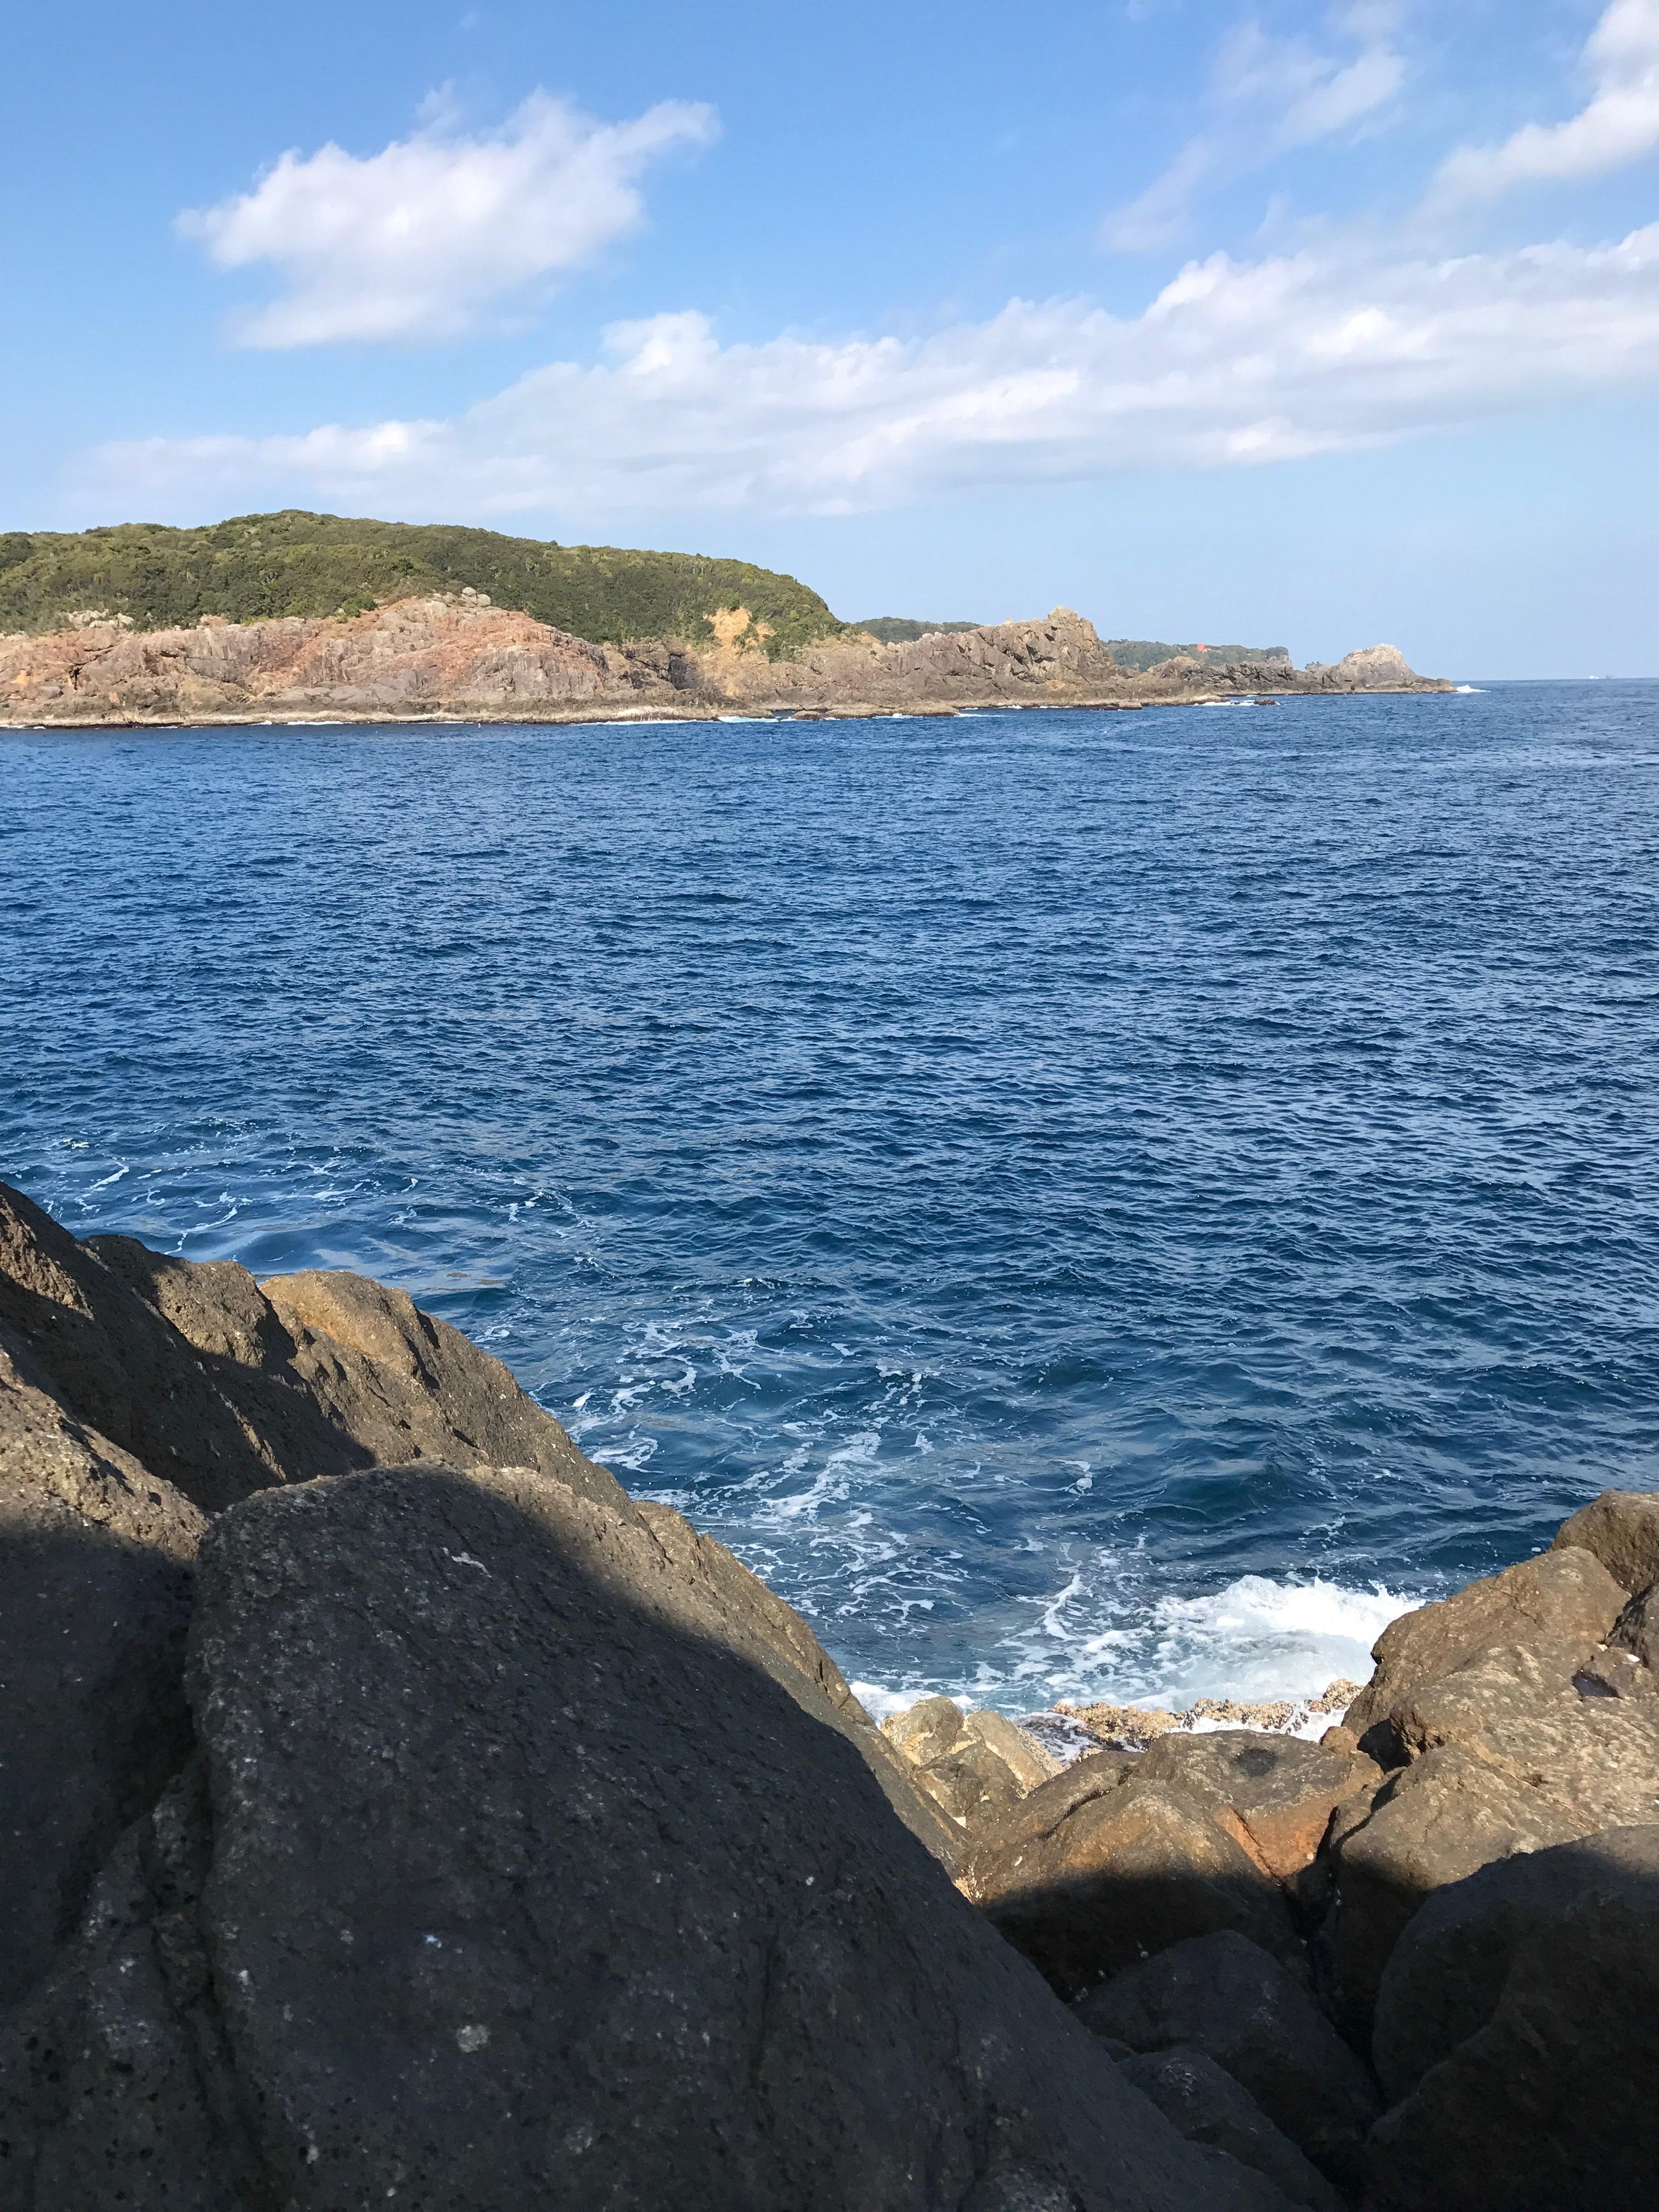 須江崎ズログチの釣り場紹介、和歌山県南紀串本大島のショアジギングとエギングにオススメの北西風に強いドン深地磯